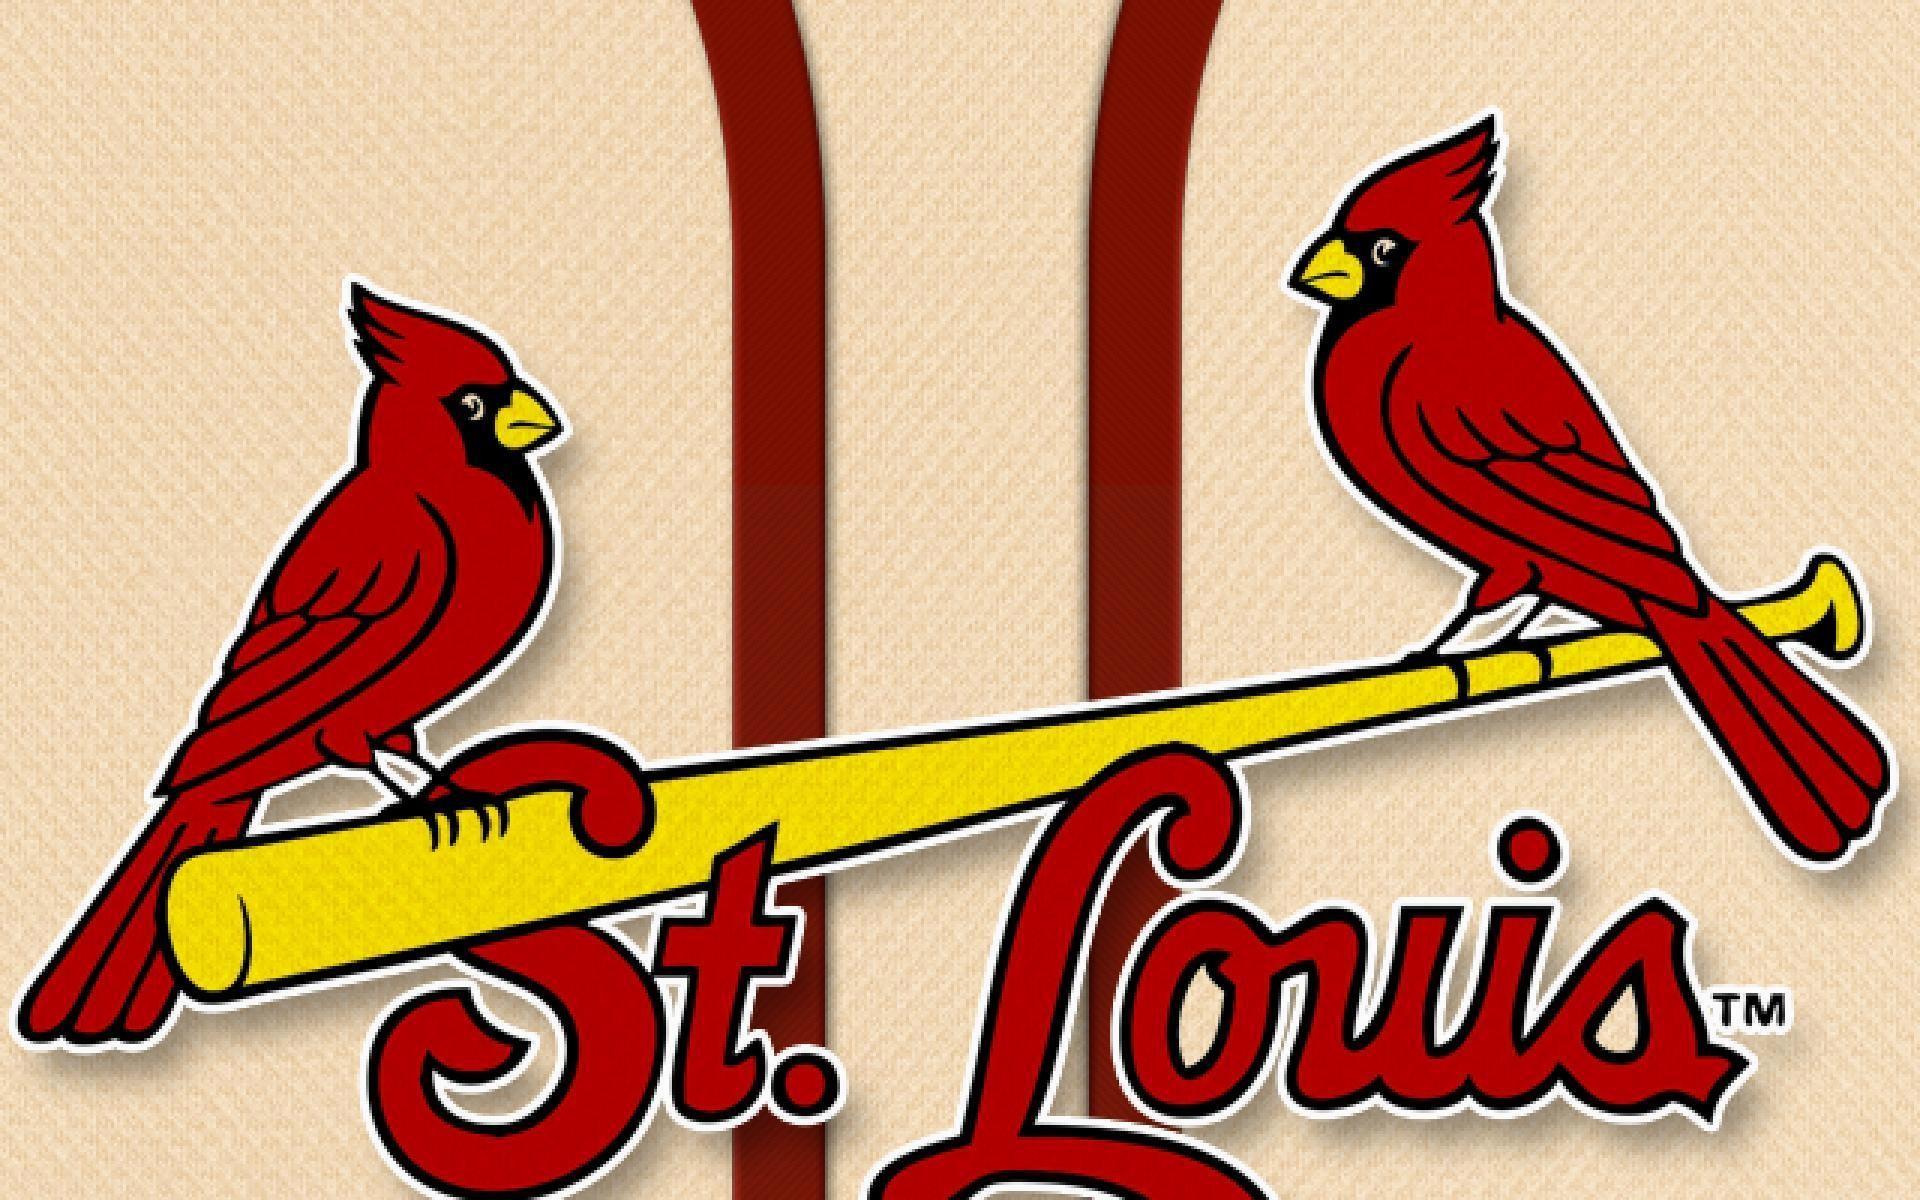 Wallpaper-st-louis-cardinals-logo